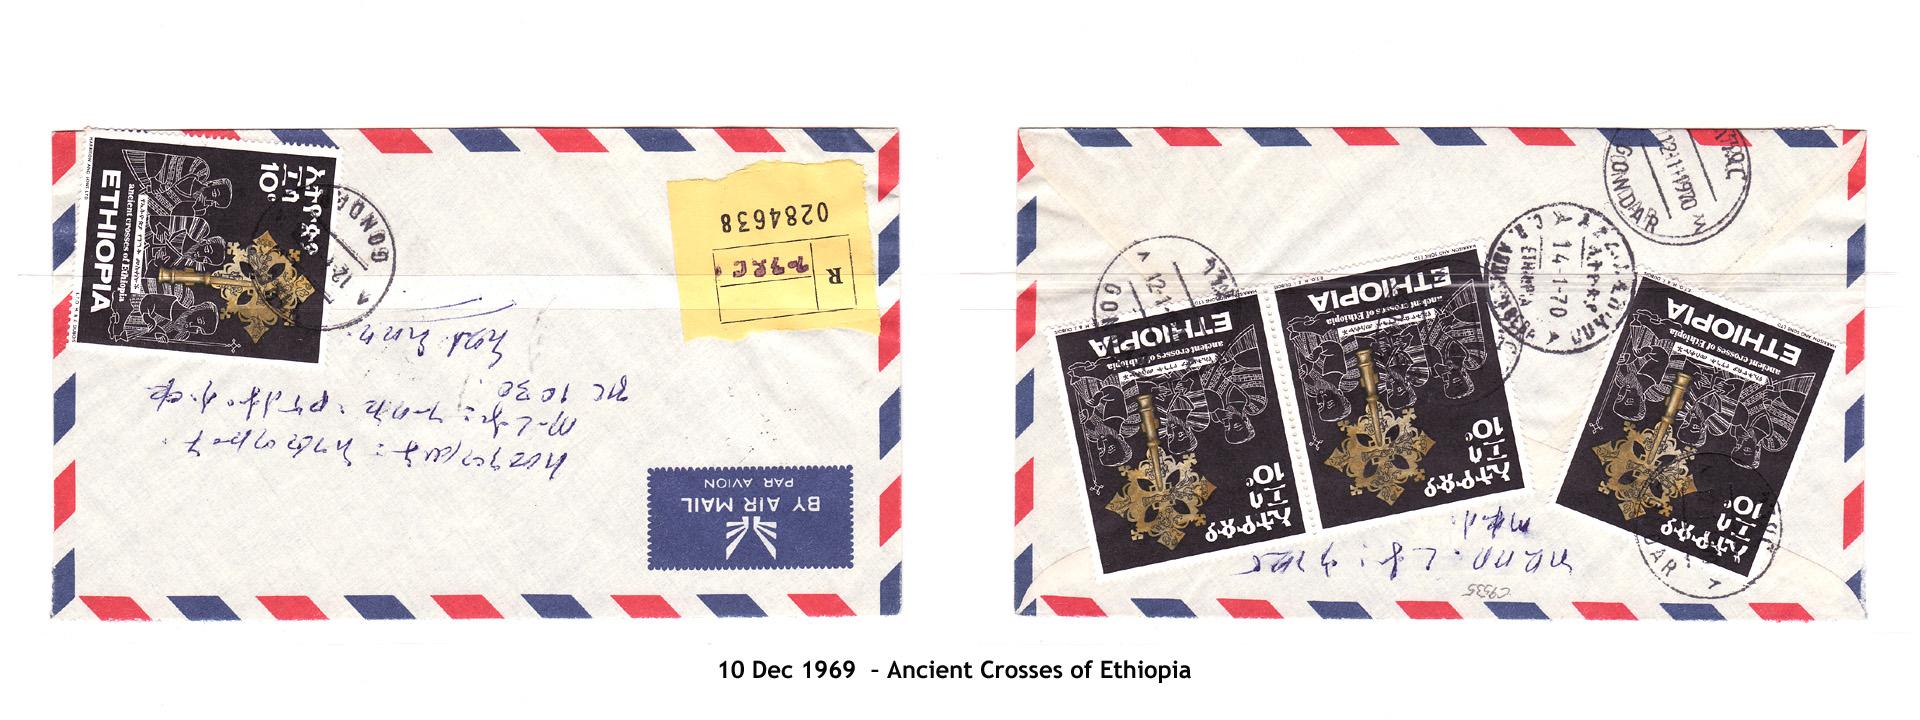 19691210 – Ancient Crosses of Ethiopia